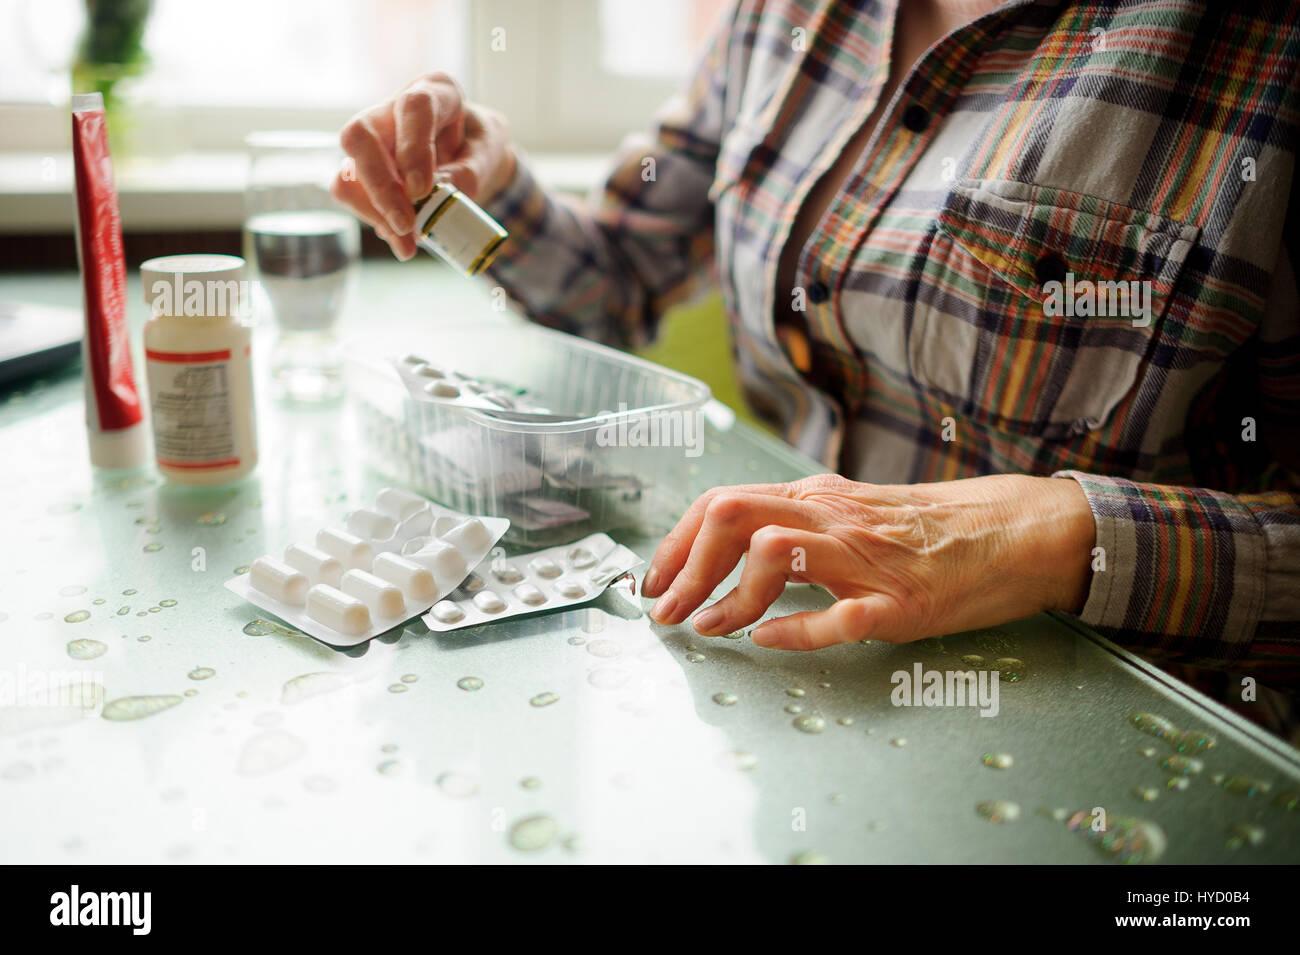 Die Frau, die rheumatoide Arthritis nimmt Medizin. Hände sind verformt. Stockbild